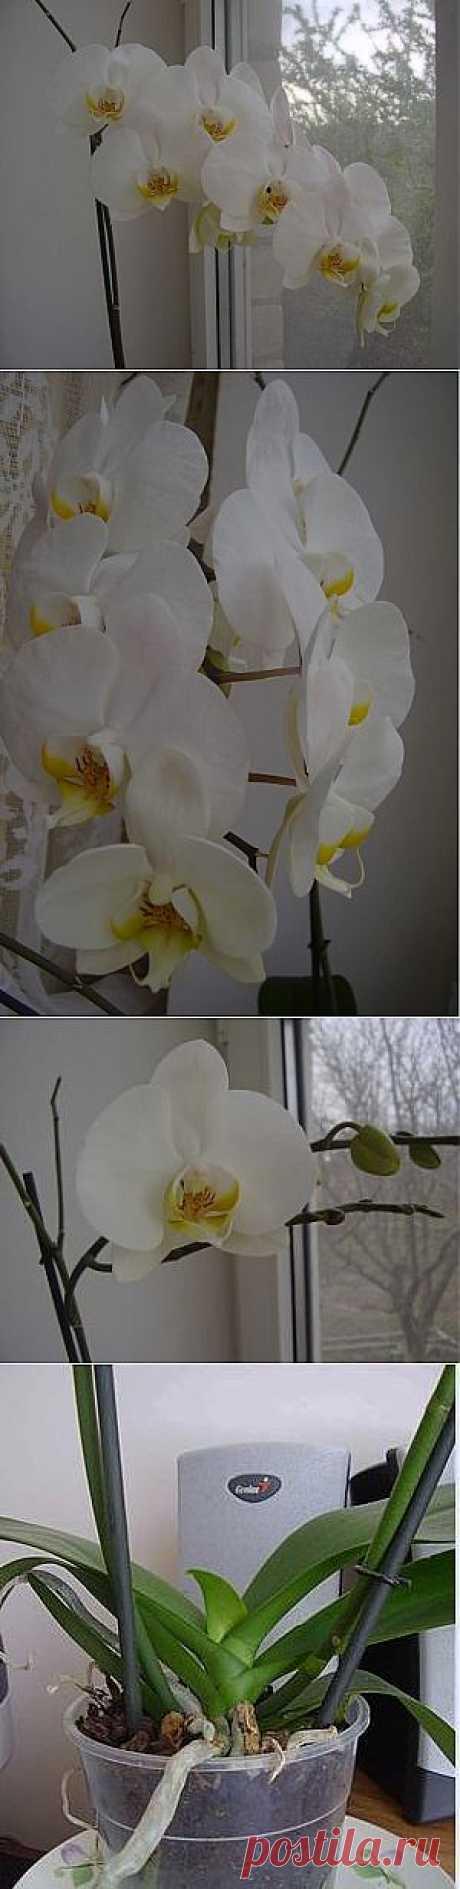 Фаленопсис - это Орхидея максимально адаптированная к домашним условиям и из всех орхидей наиболее не прихотлива. Тем кто хочет завести Орхидею рекомендую начинать именно с этой.